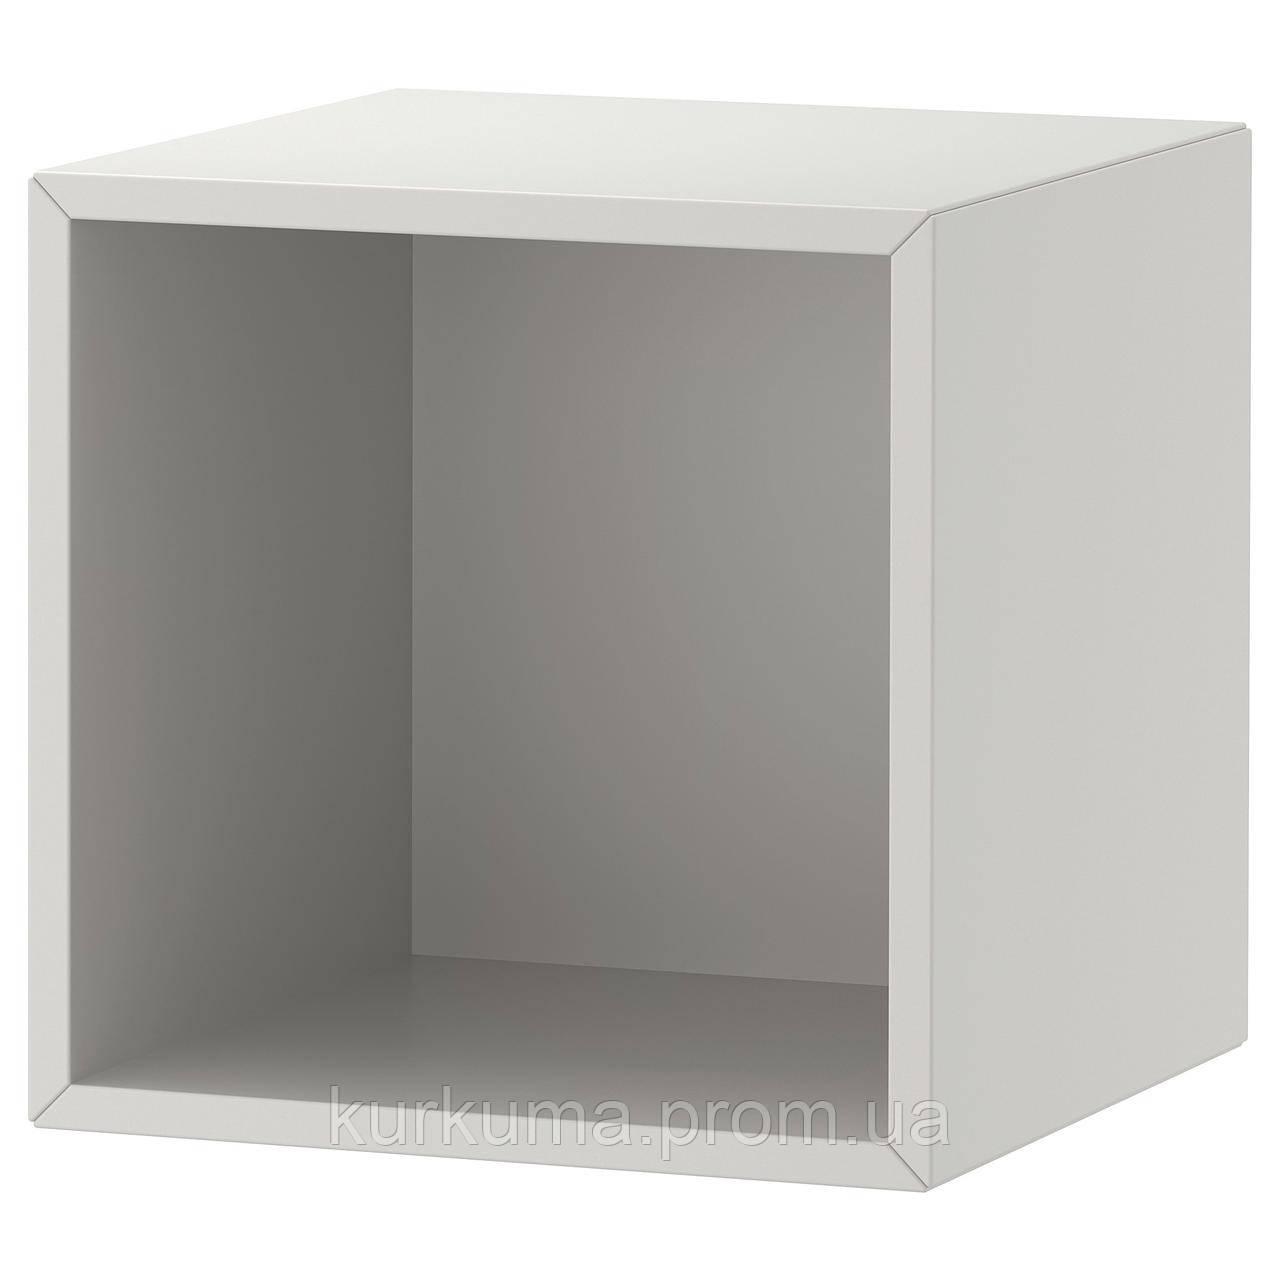 IKEA EKET Стеллаж, светло-серый  (203.345.97)